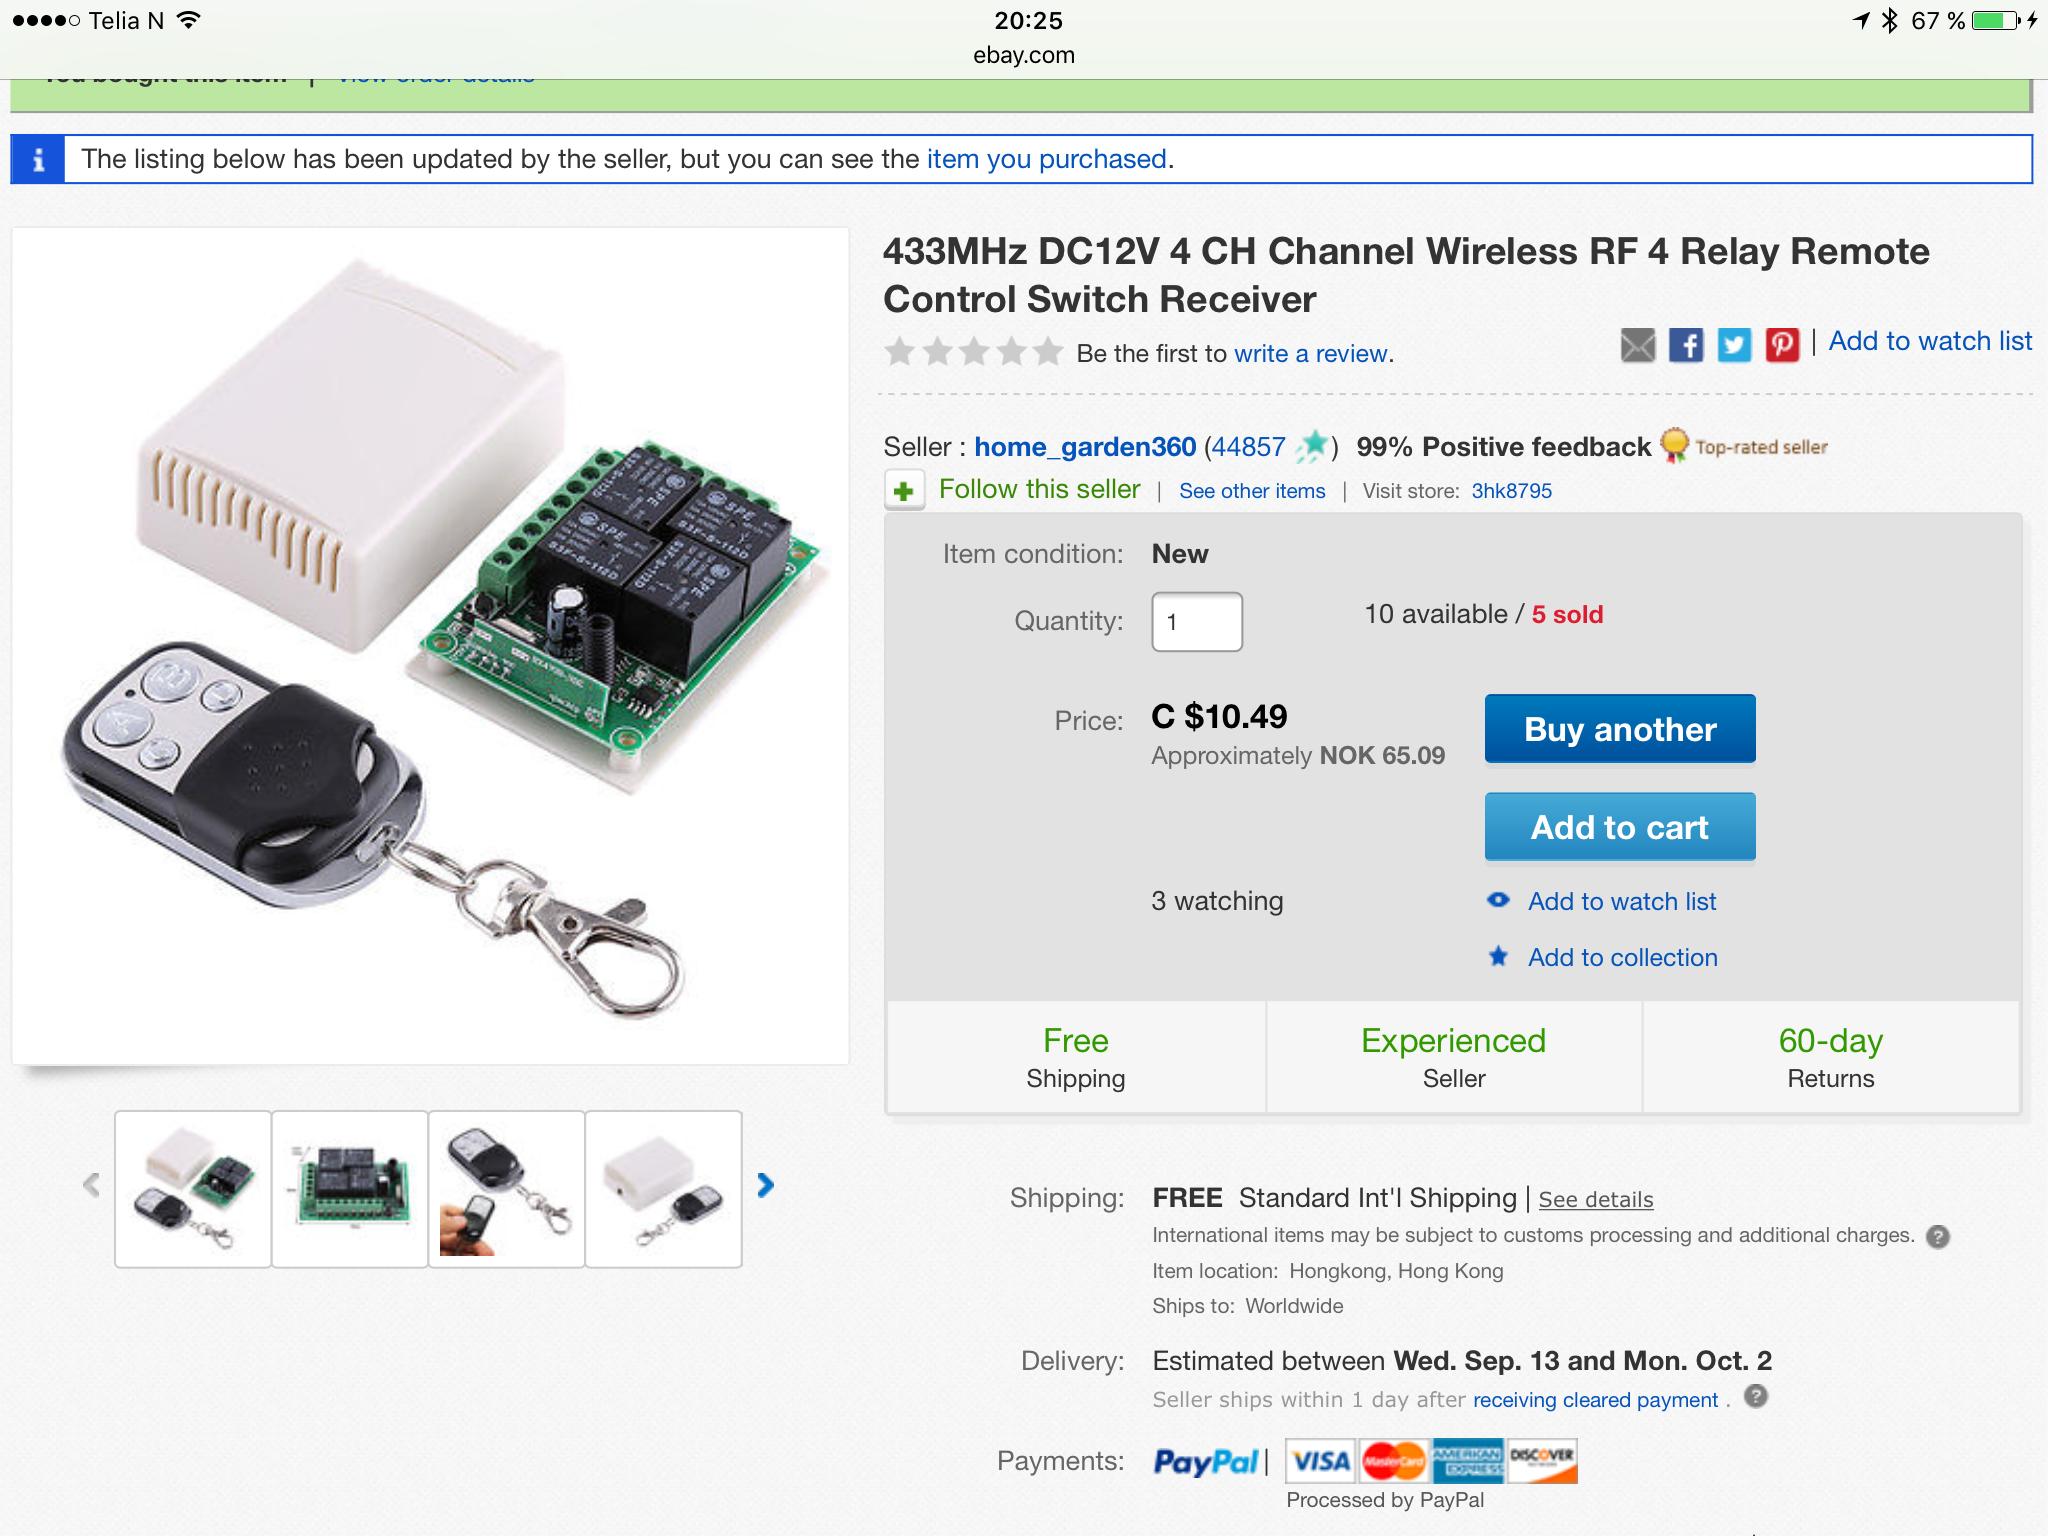 inverter på ebay er det noen dere anbefaler? Elektronikk